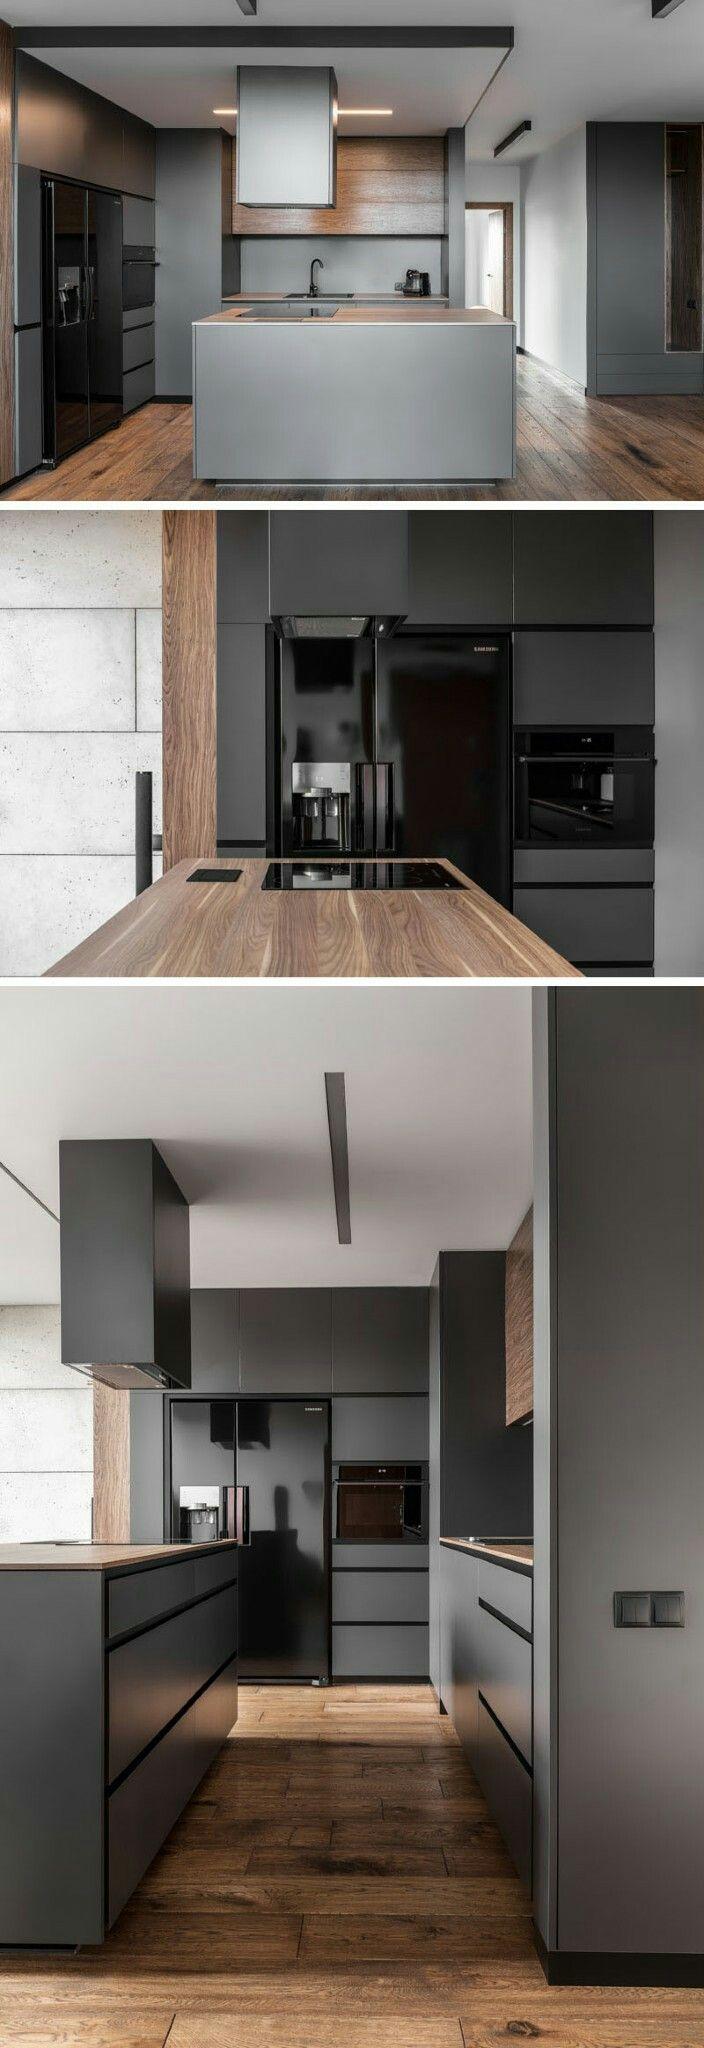 Color Design 2 | кухня | Pinterest | Cucine, Cucina e Cucine moderne